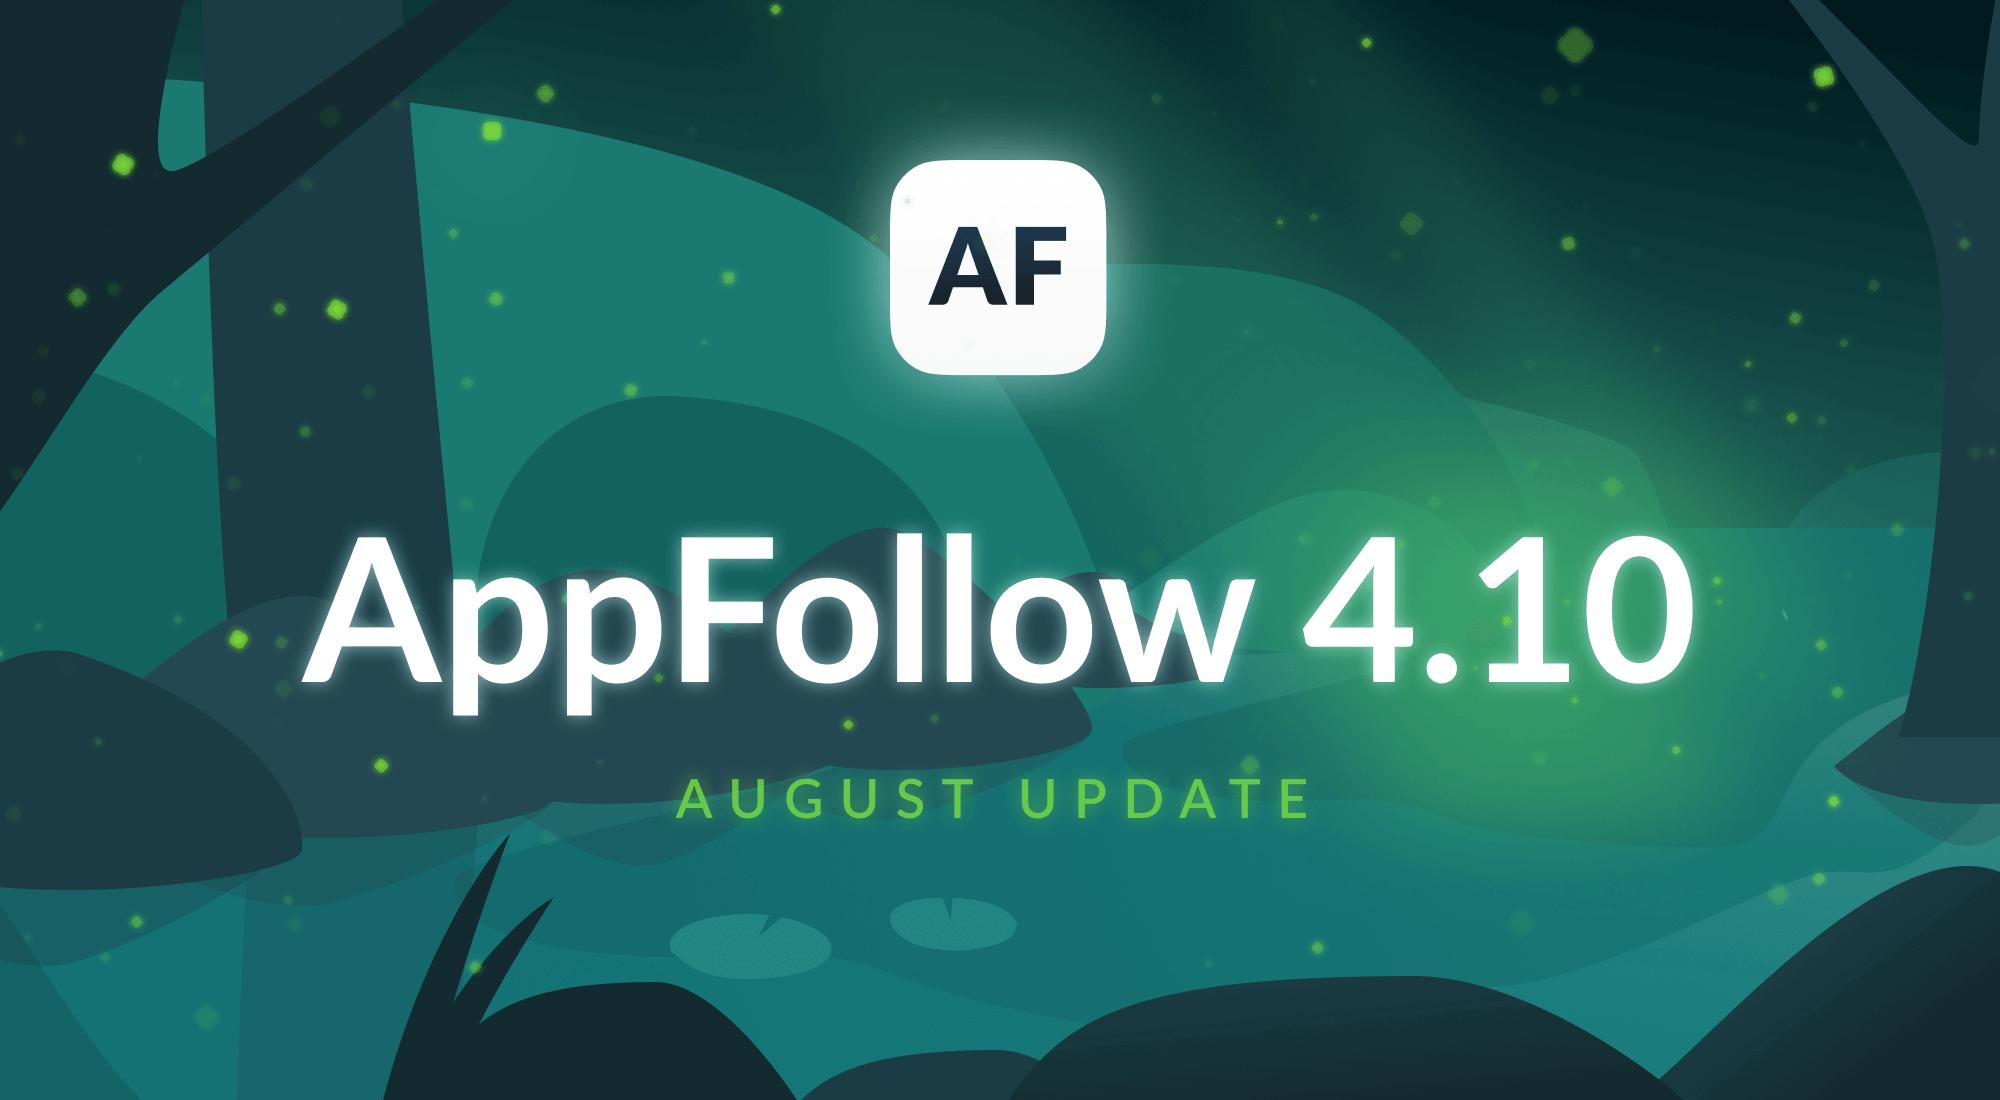 4.10 August Update